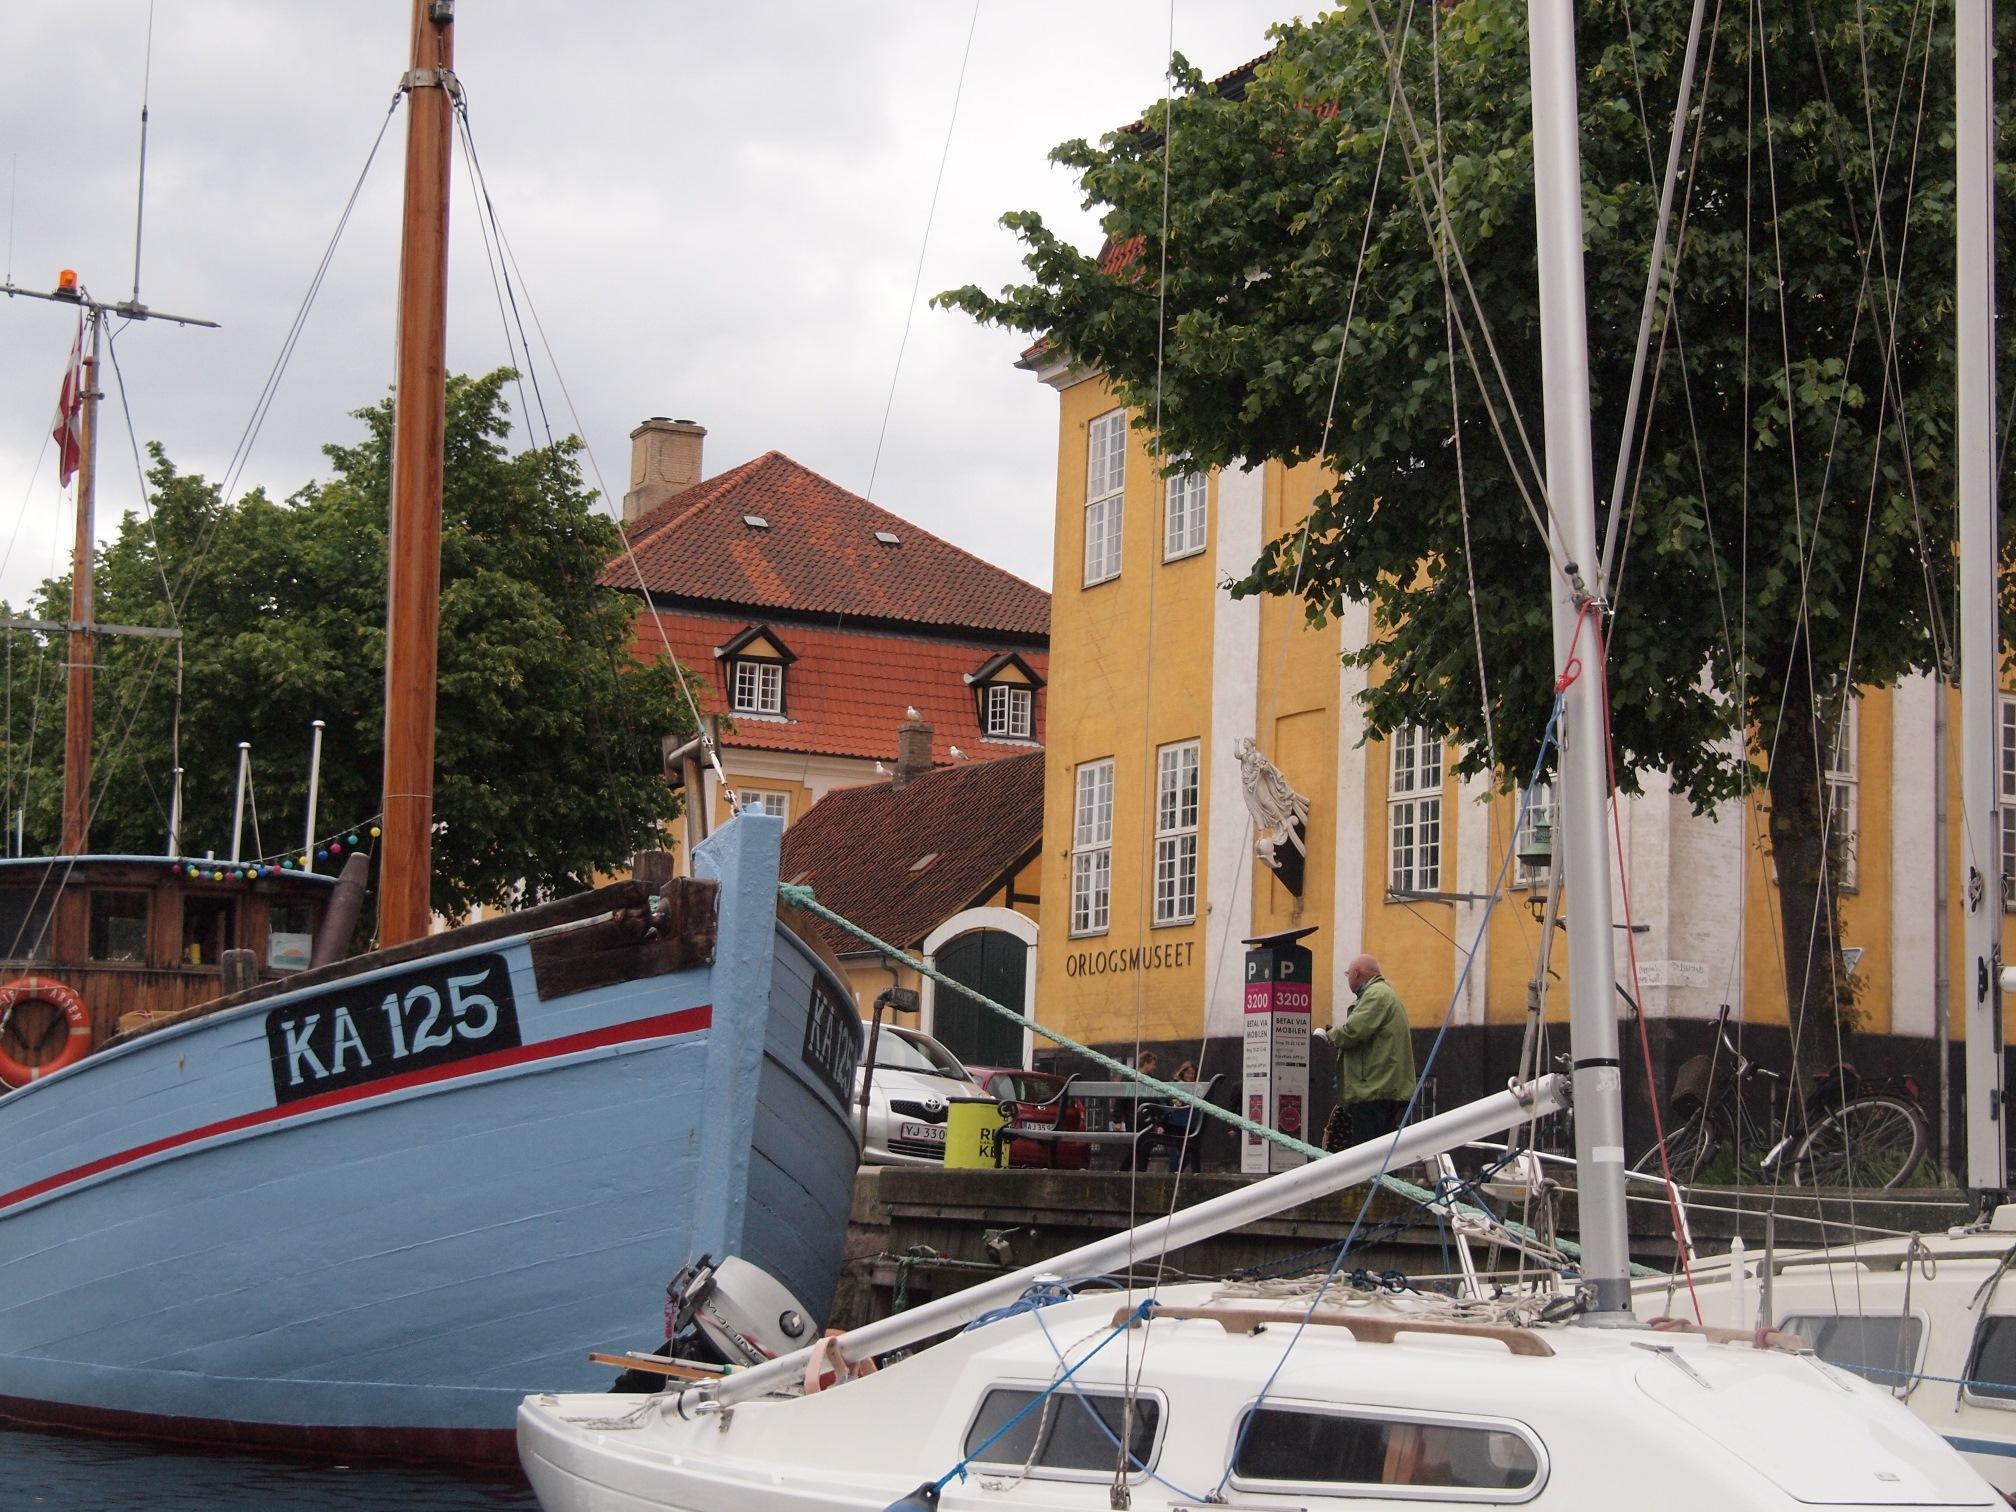 Kapidaenins Lieblingsplätze in Dänemark #49 Christianshavn